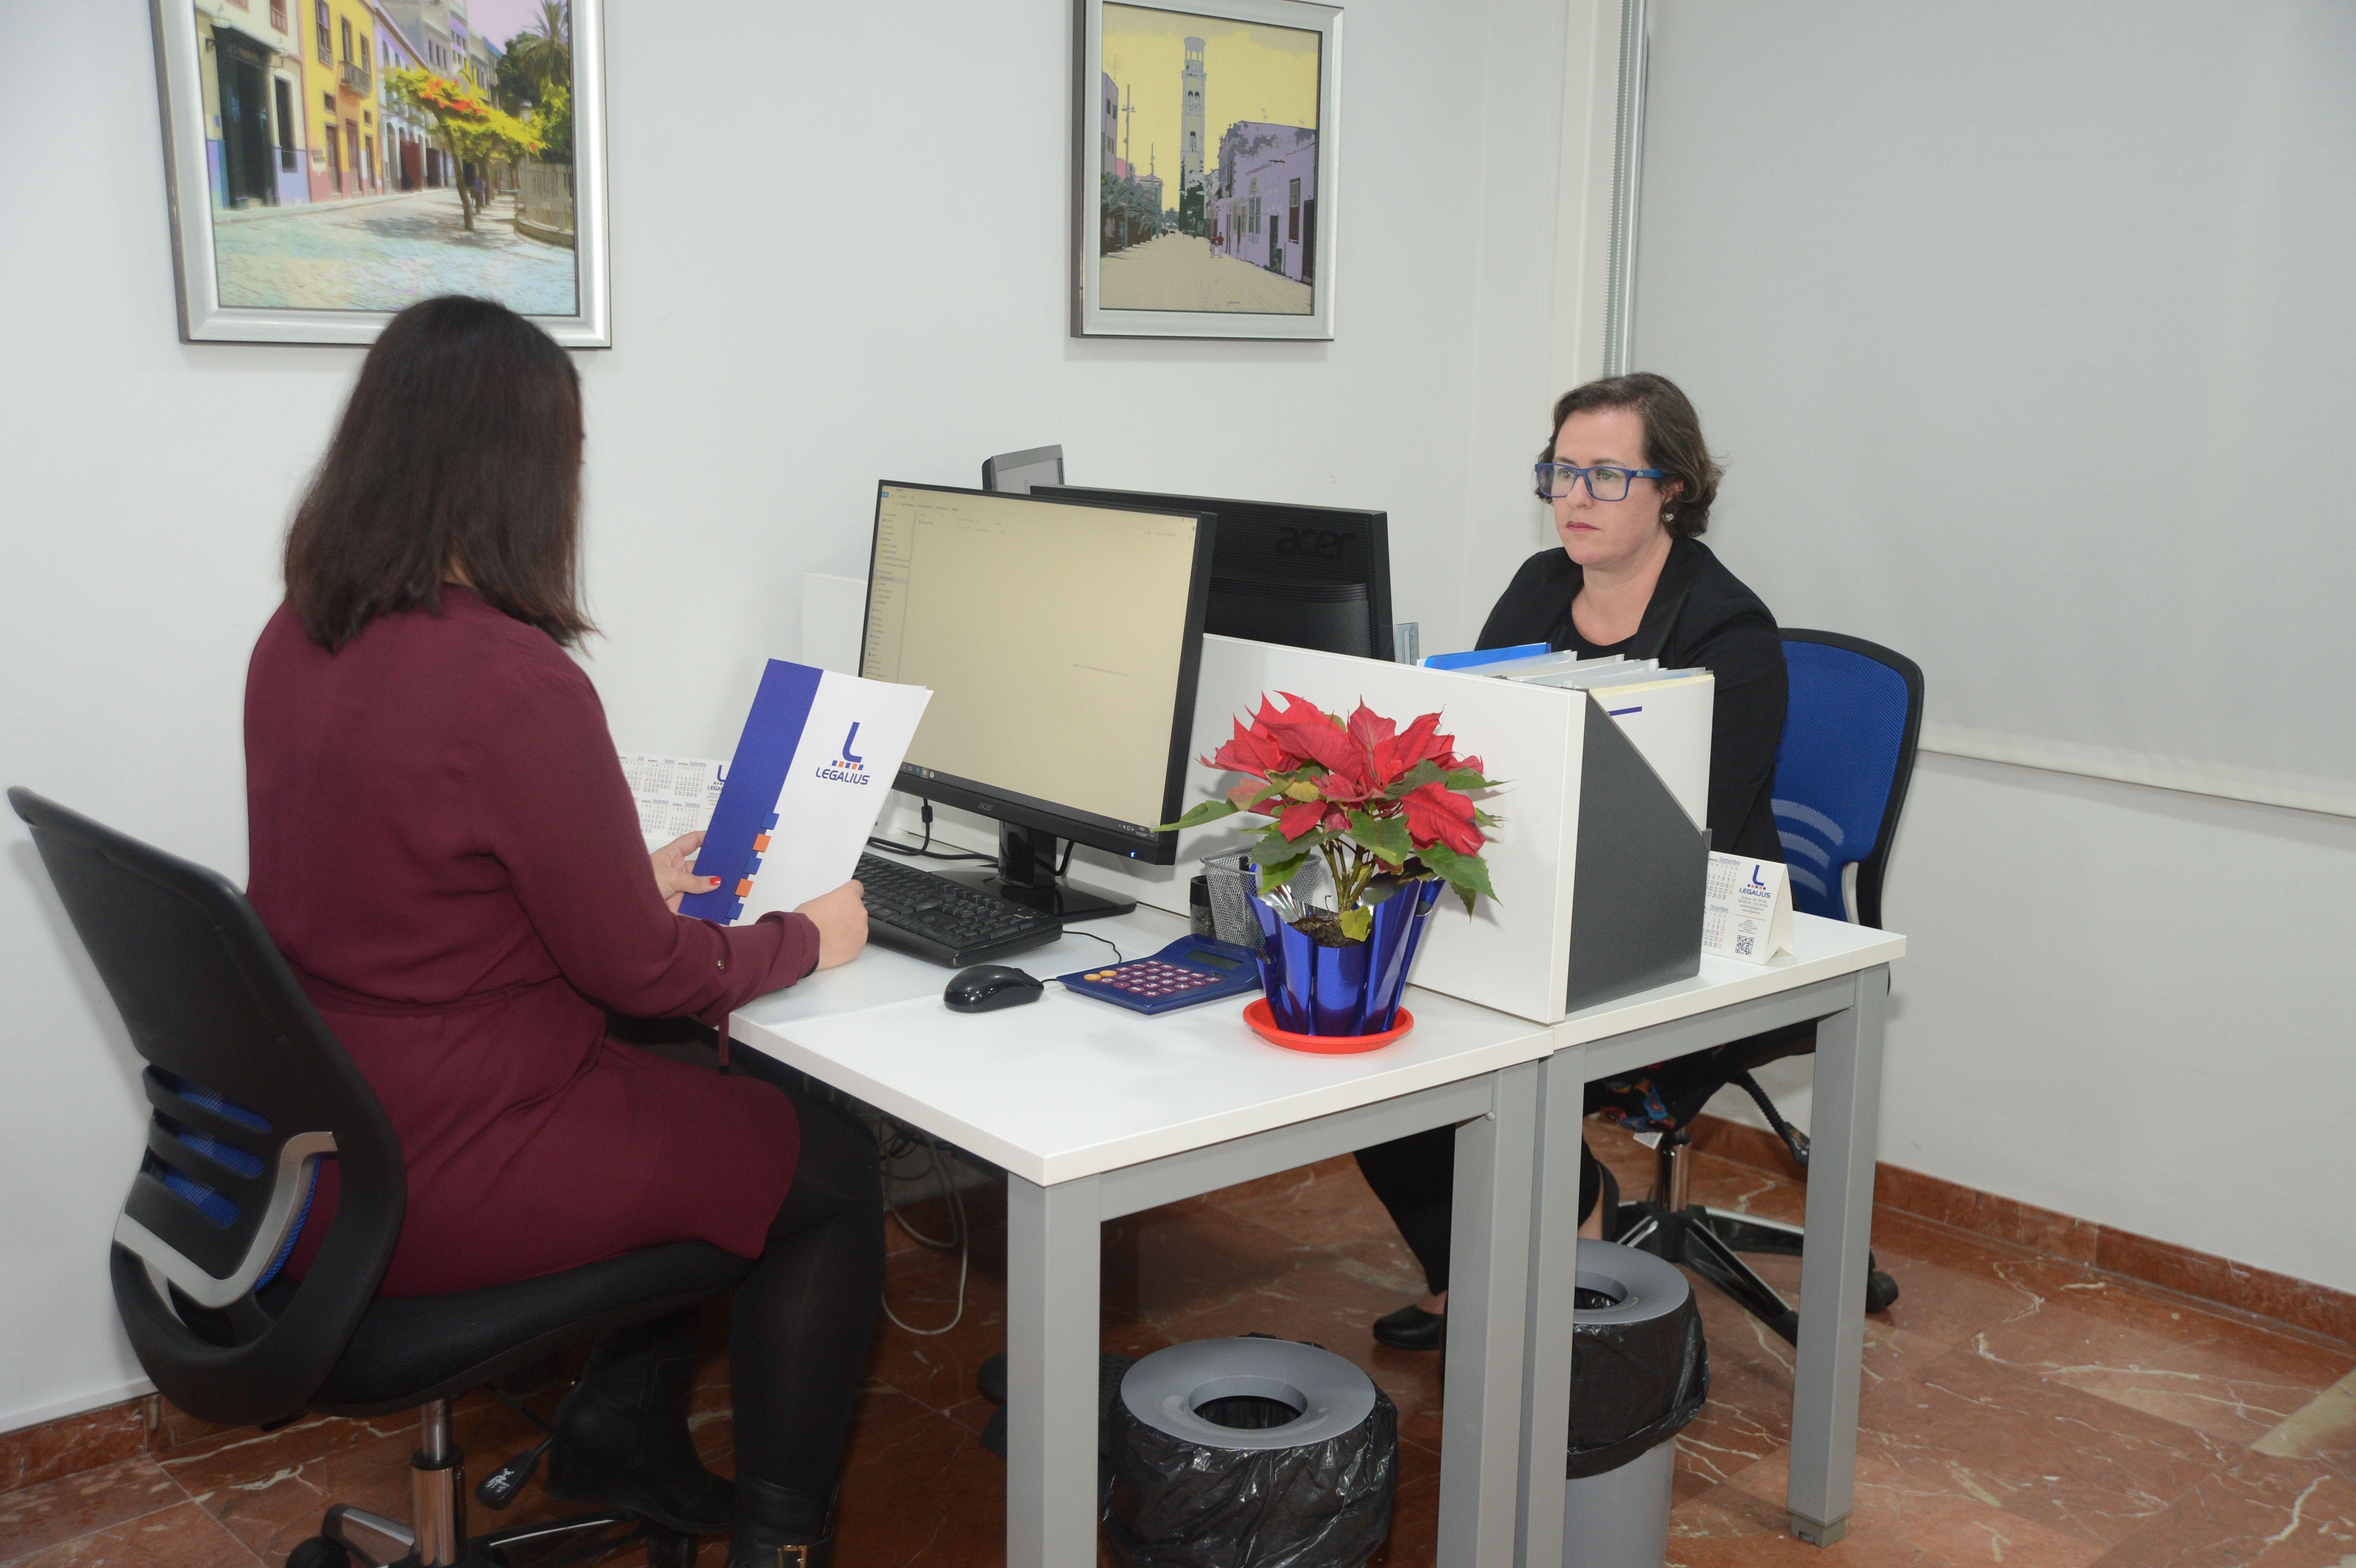 Reclamación gastos hipoteca Tenerife